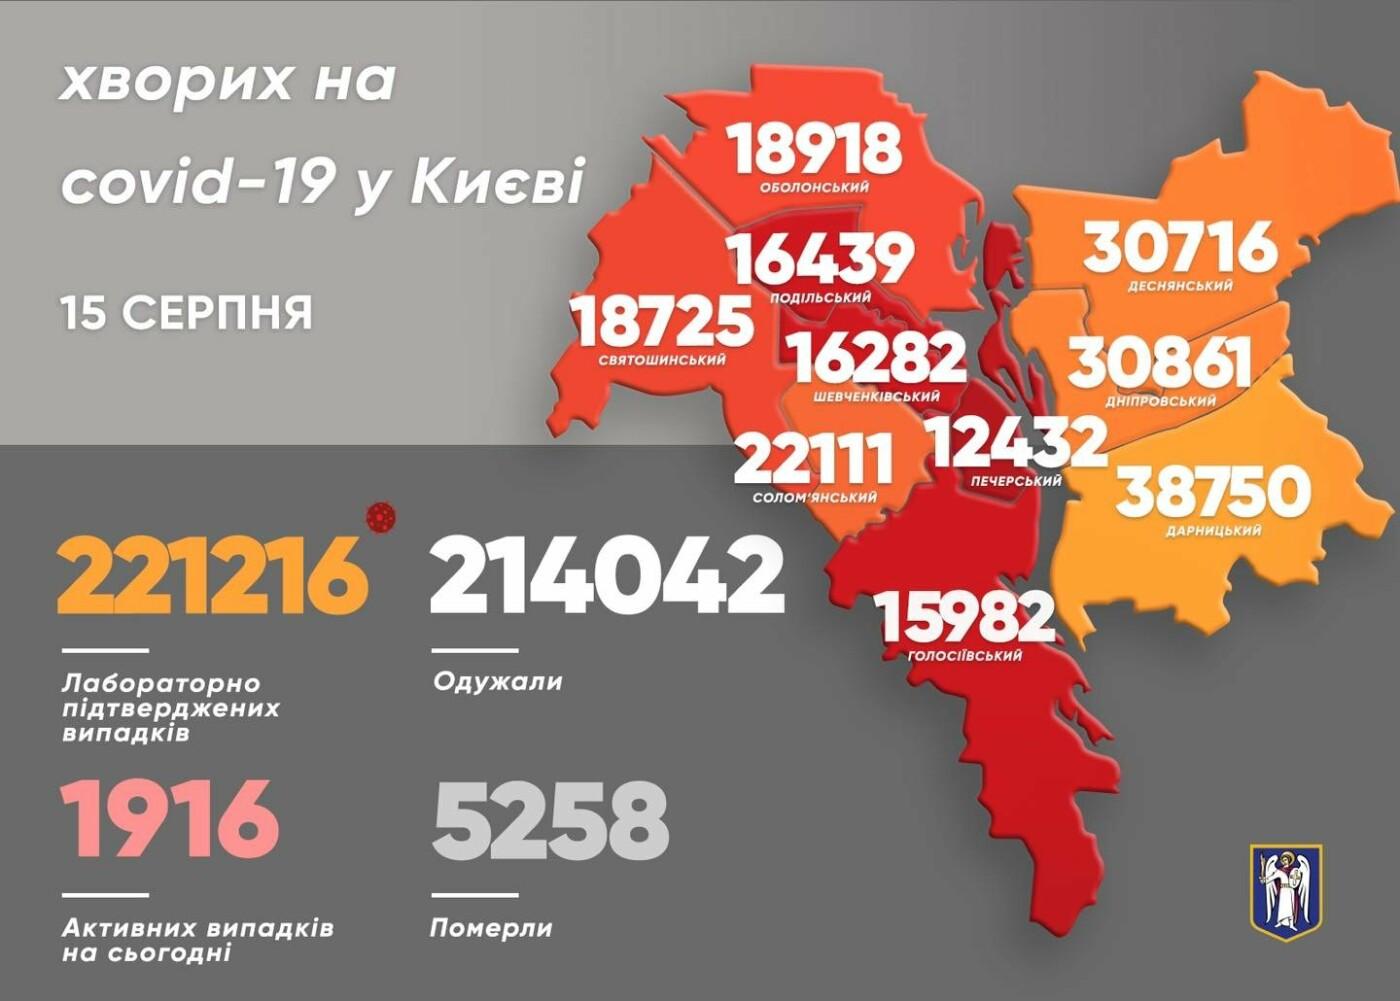 Статистика на 15 августа